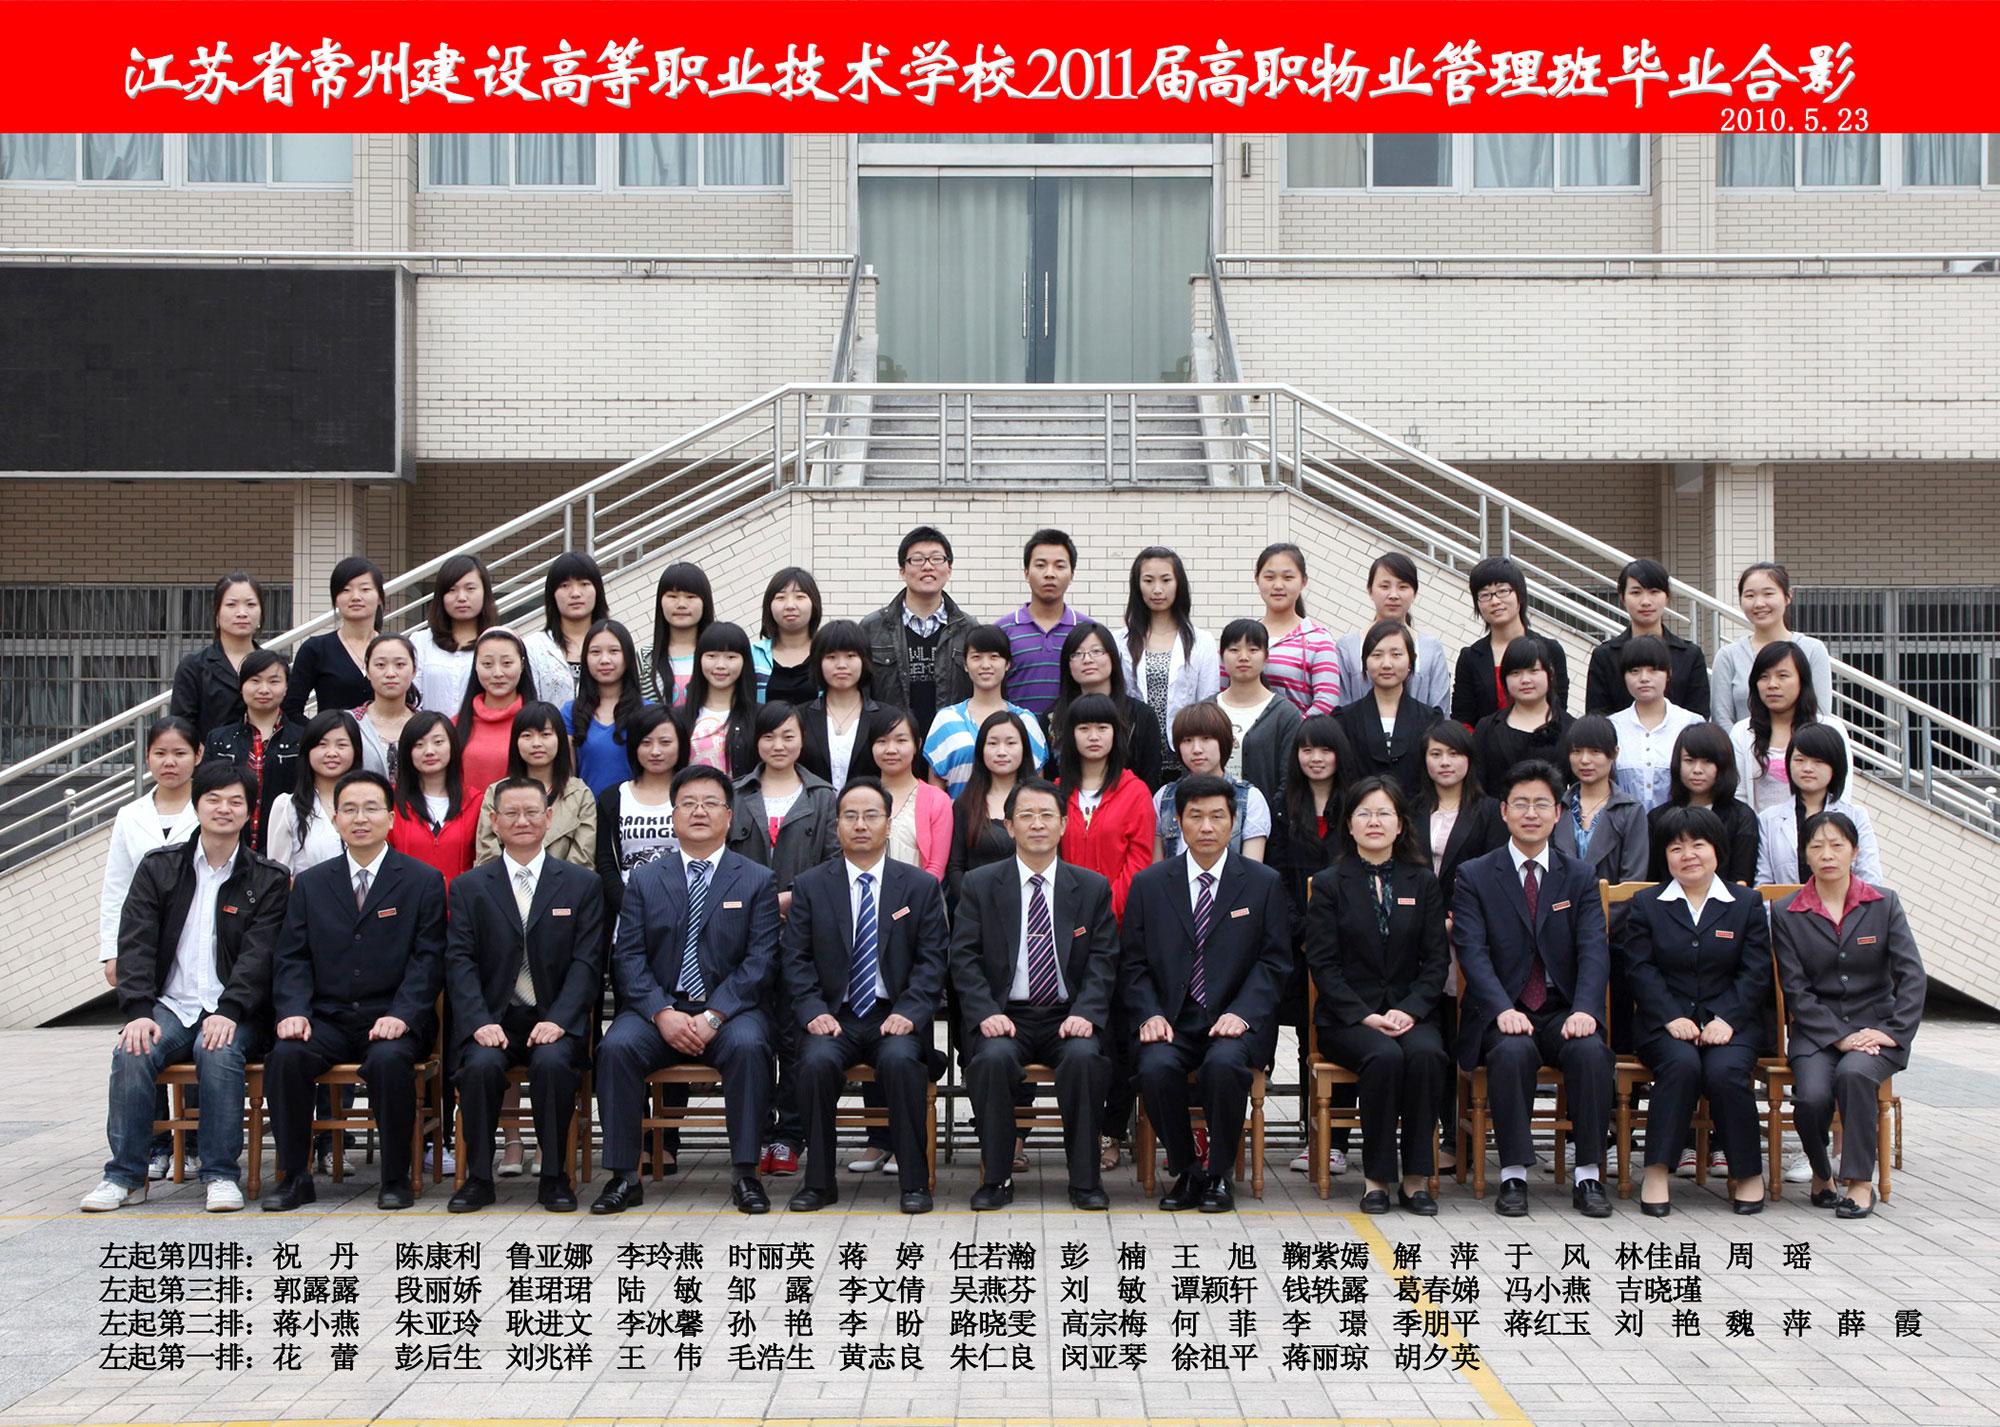 2011届高职物业管理班毕业合影